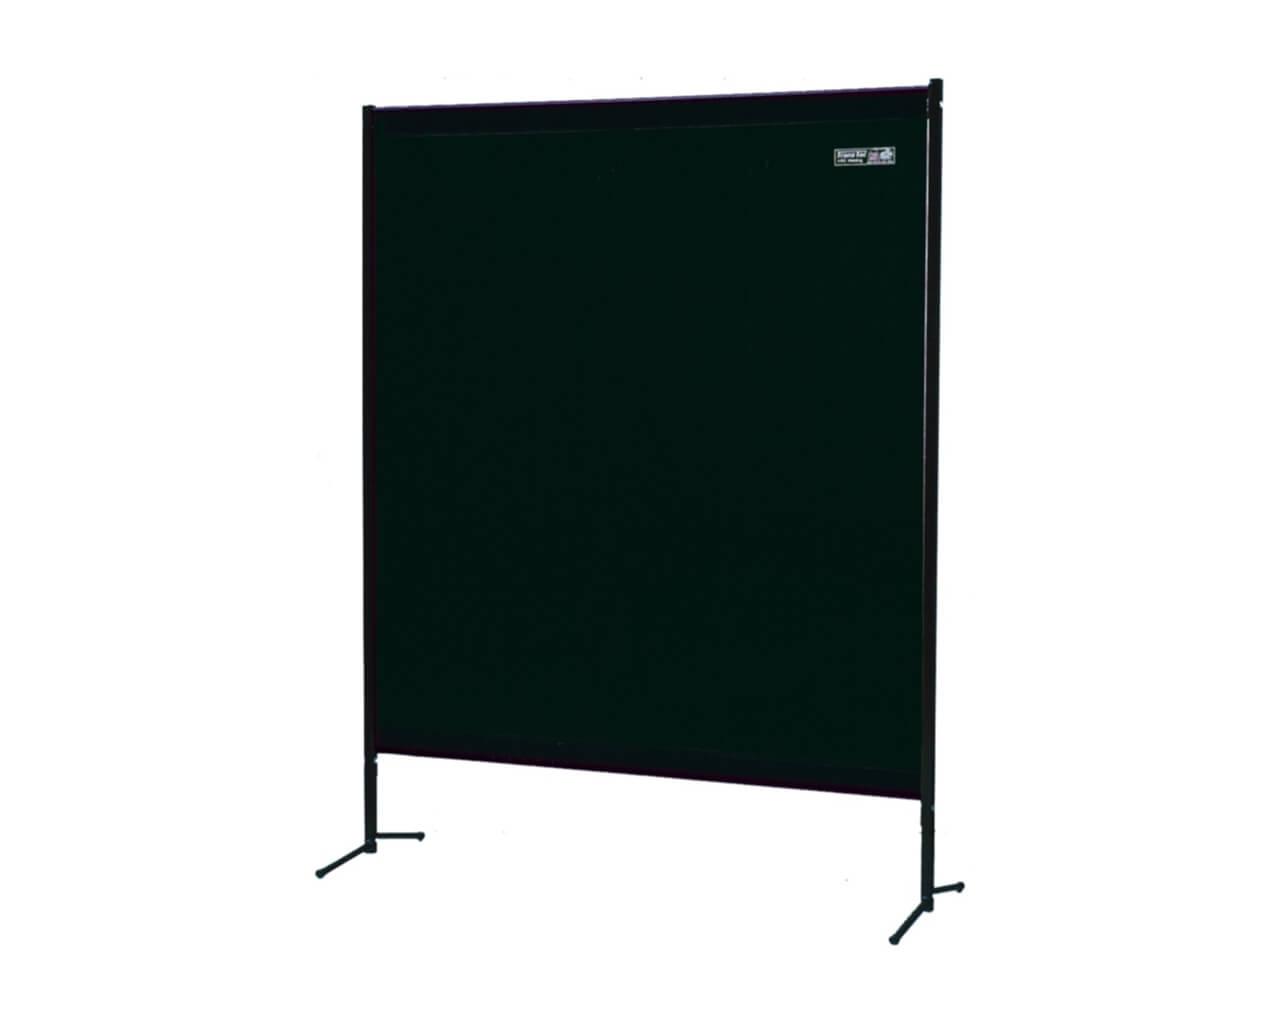 Schutzwand TSW-1 205x187cm (Dunkelgrün matt)